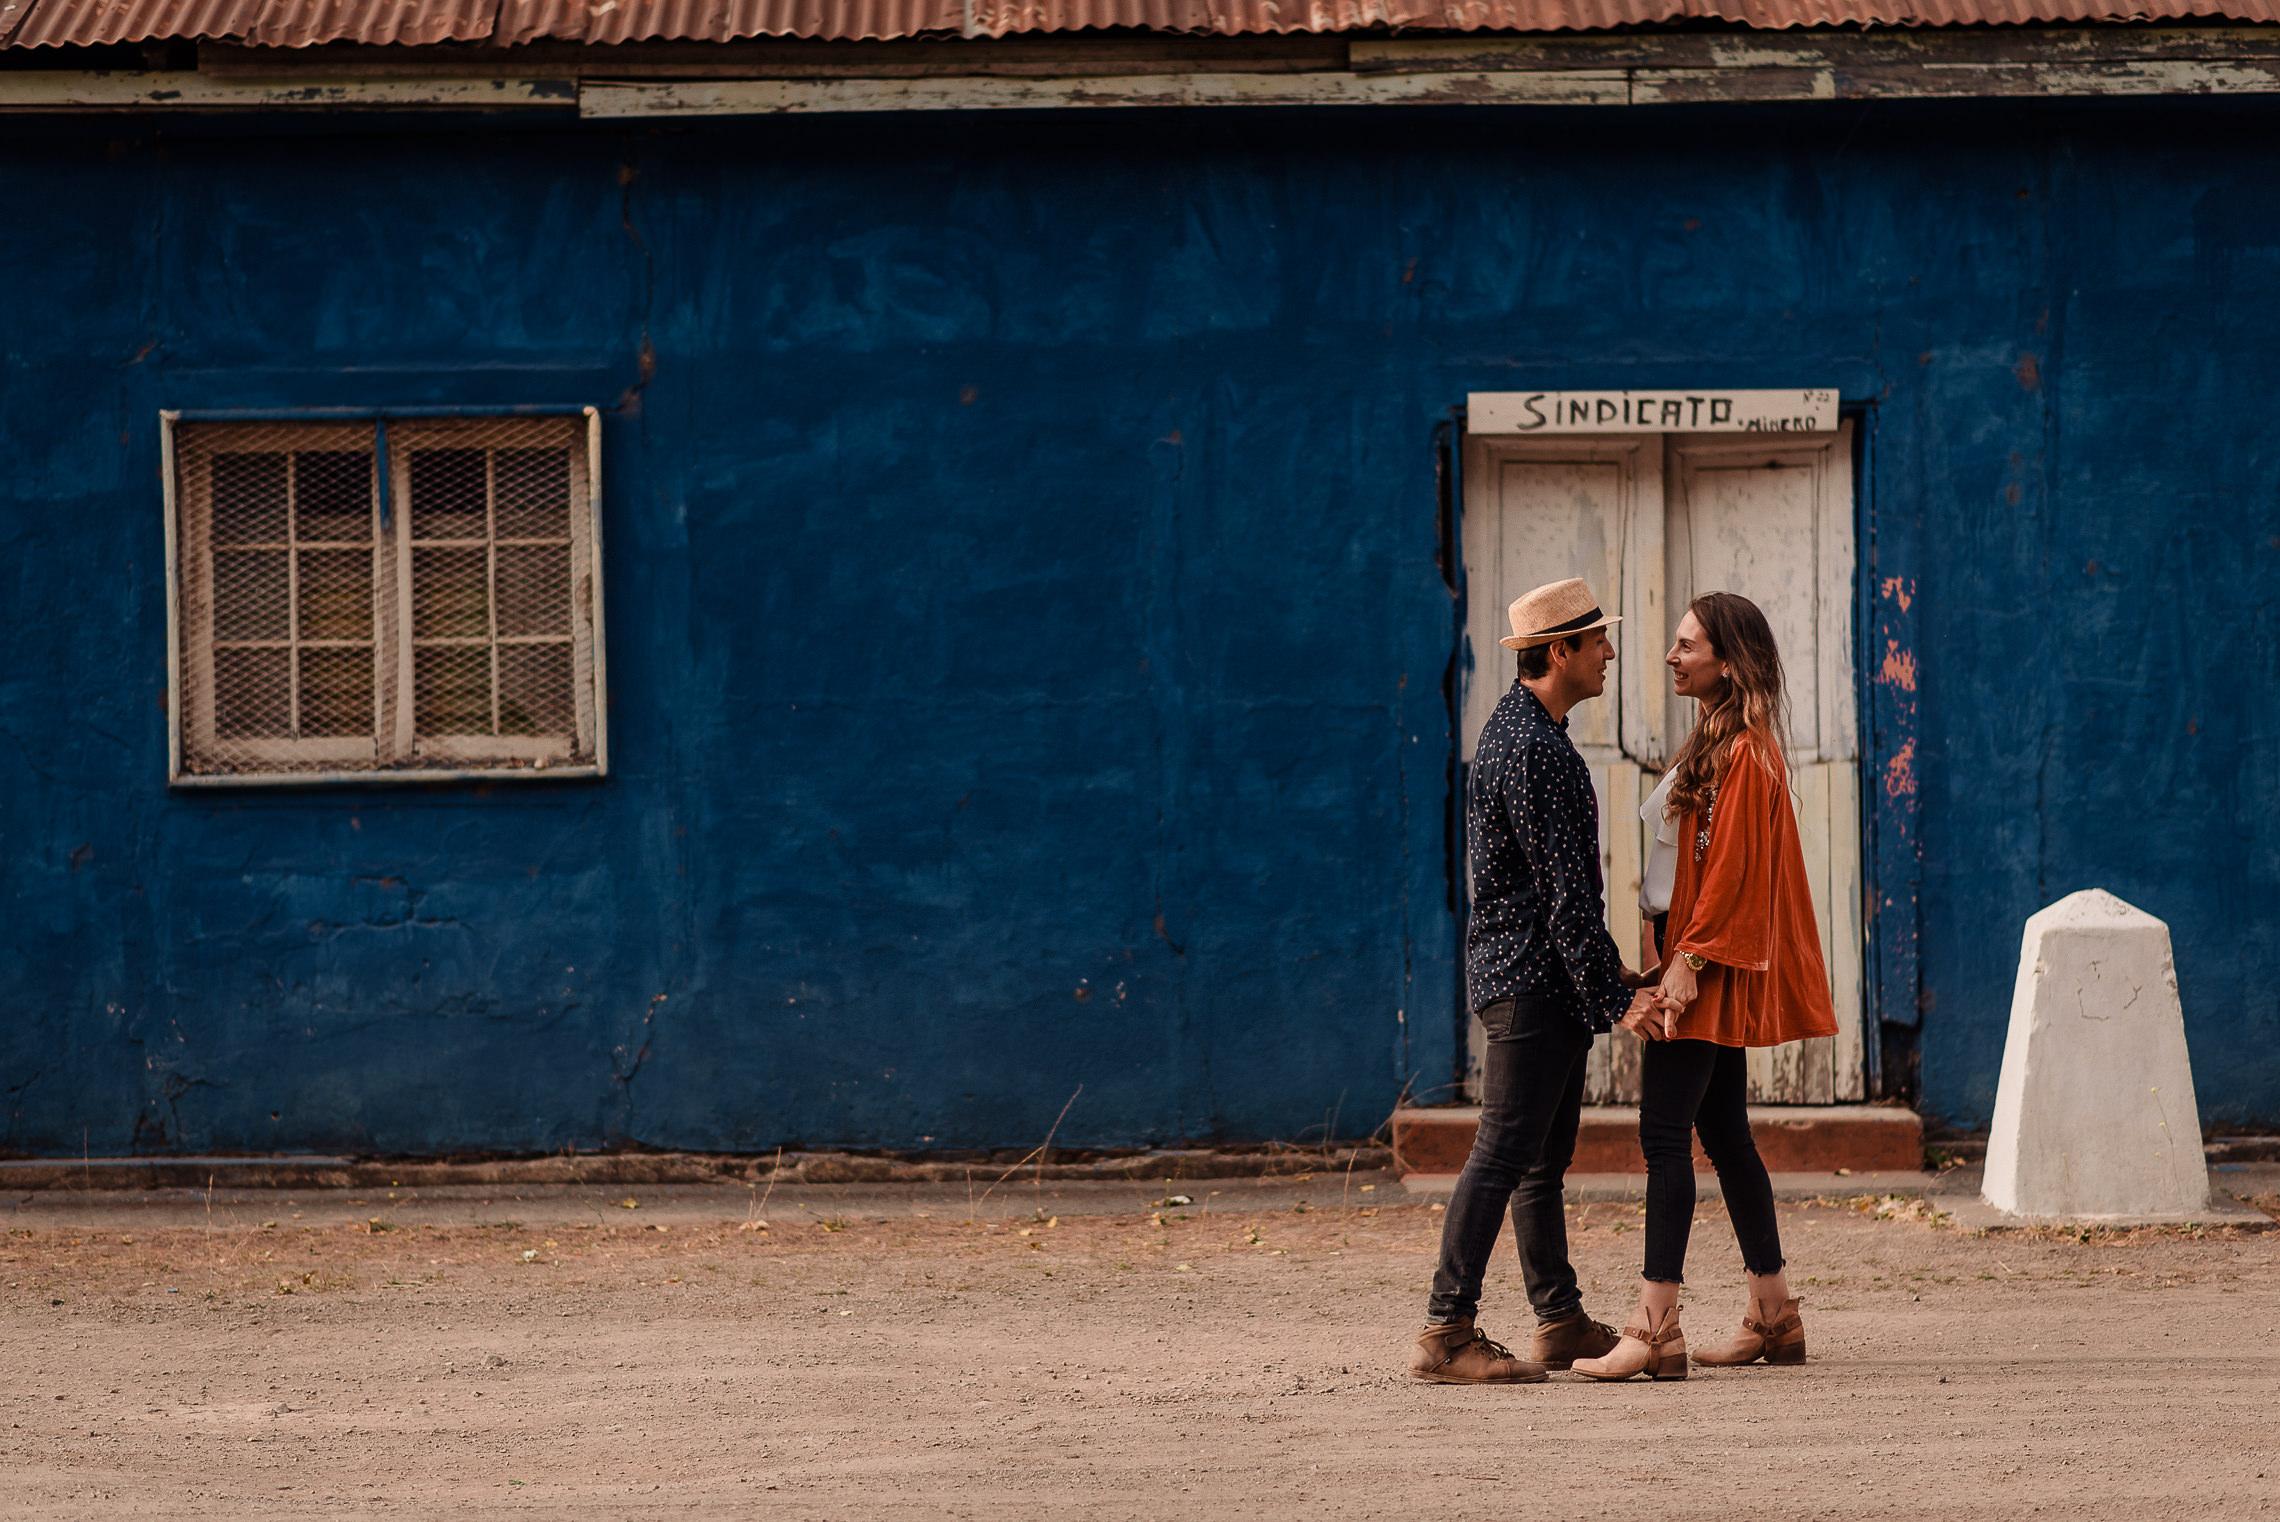 preboda-cajon-del-maipo-deborah-dantzoff-fotografia-fotografo-matrimonio-chile-santiago-destination-wedding-photographer